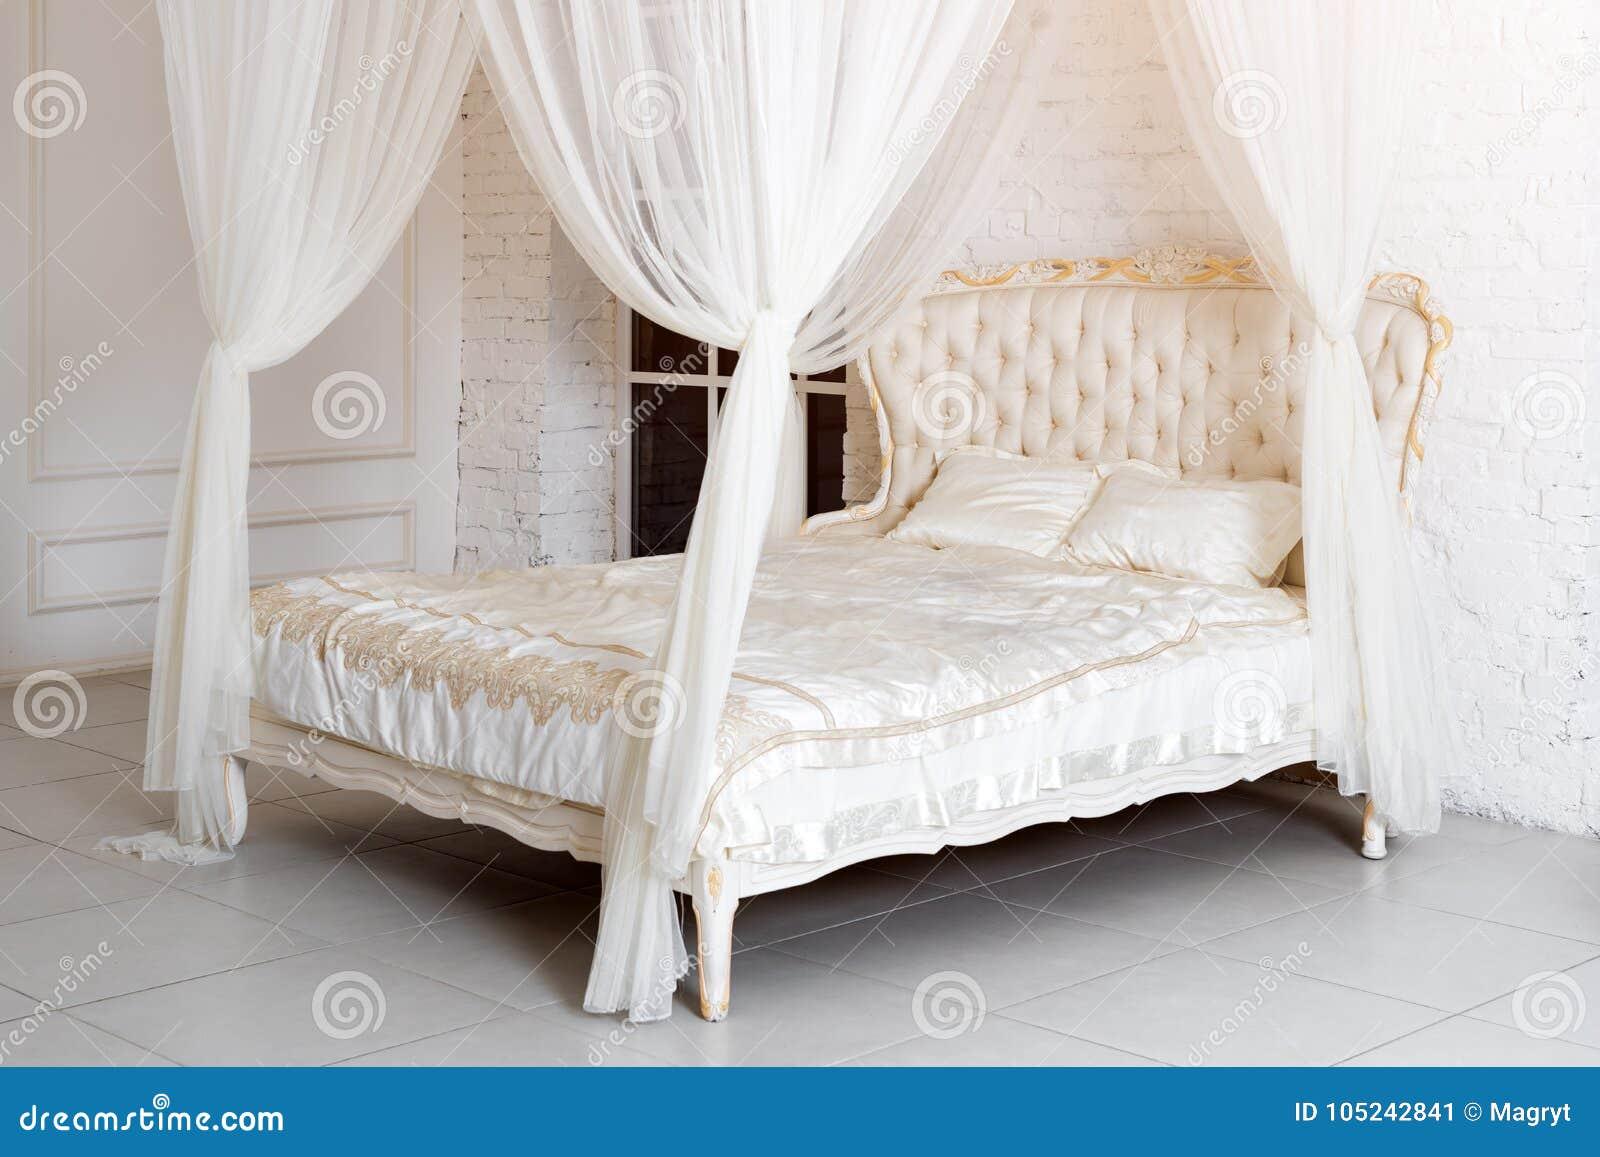 Wunderbar Download Schlafzimmer In Den Weichen Hellen Farben Großes Bequemes  Doppelbett Mit Vier Plakaten Im Eleganten Klassischen